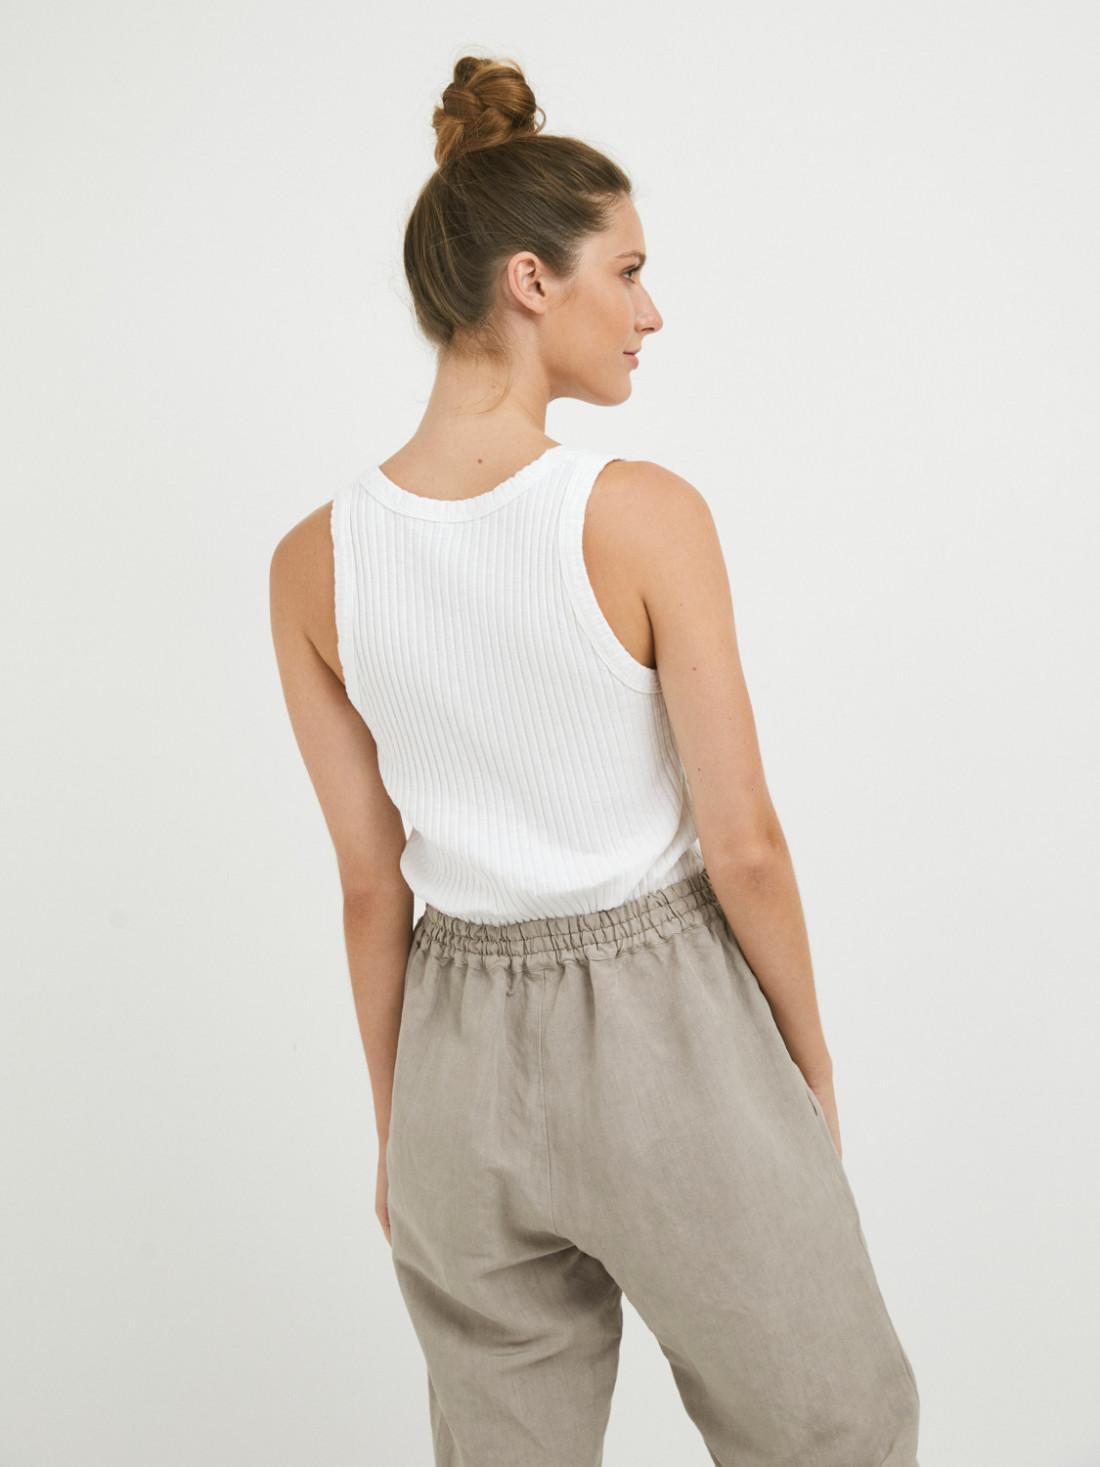 Pantalón tejidos naturales, con cinturilla elástica en la parte trasera con 55% lino y 45% viscosa